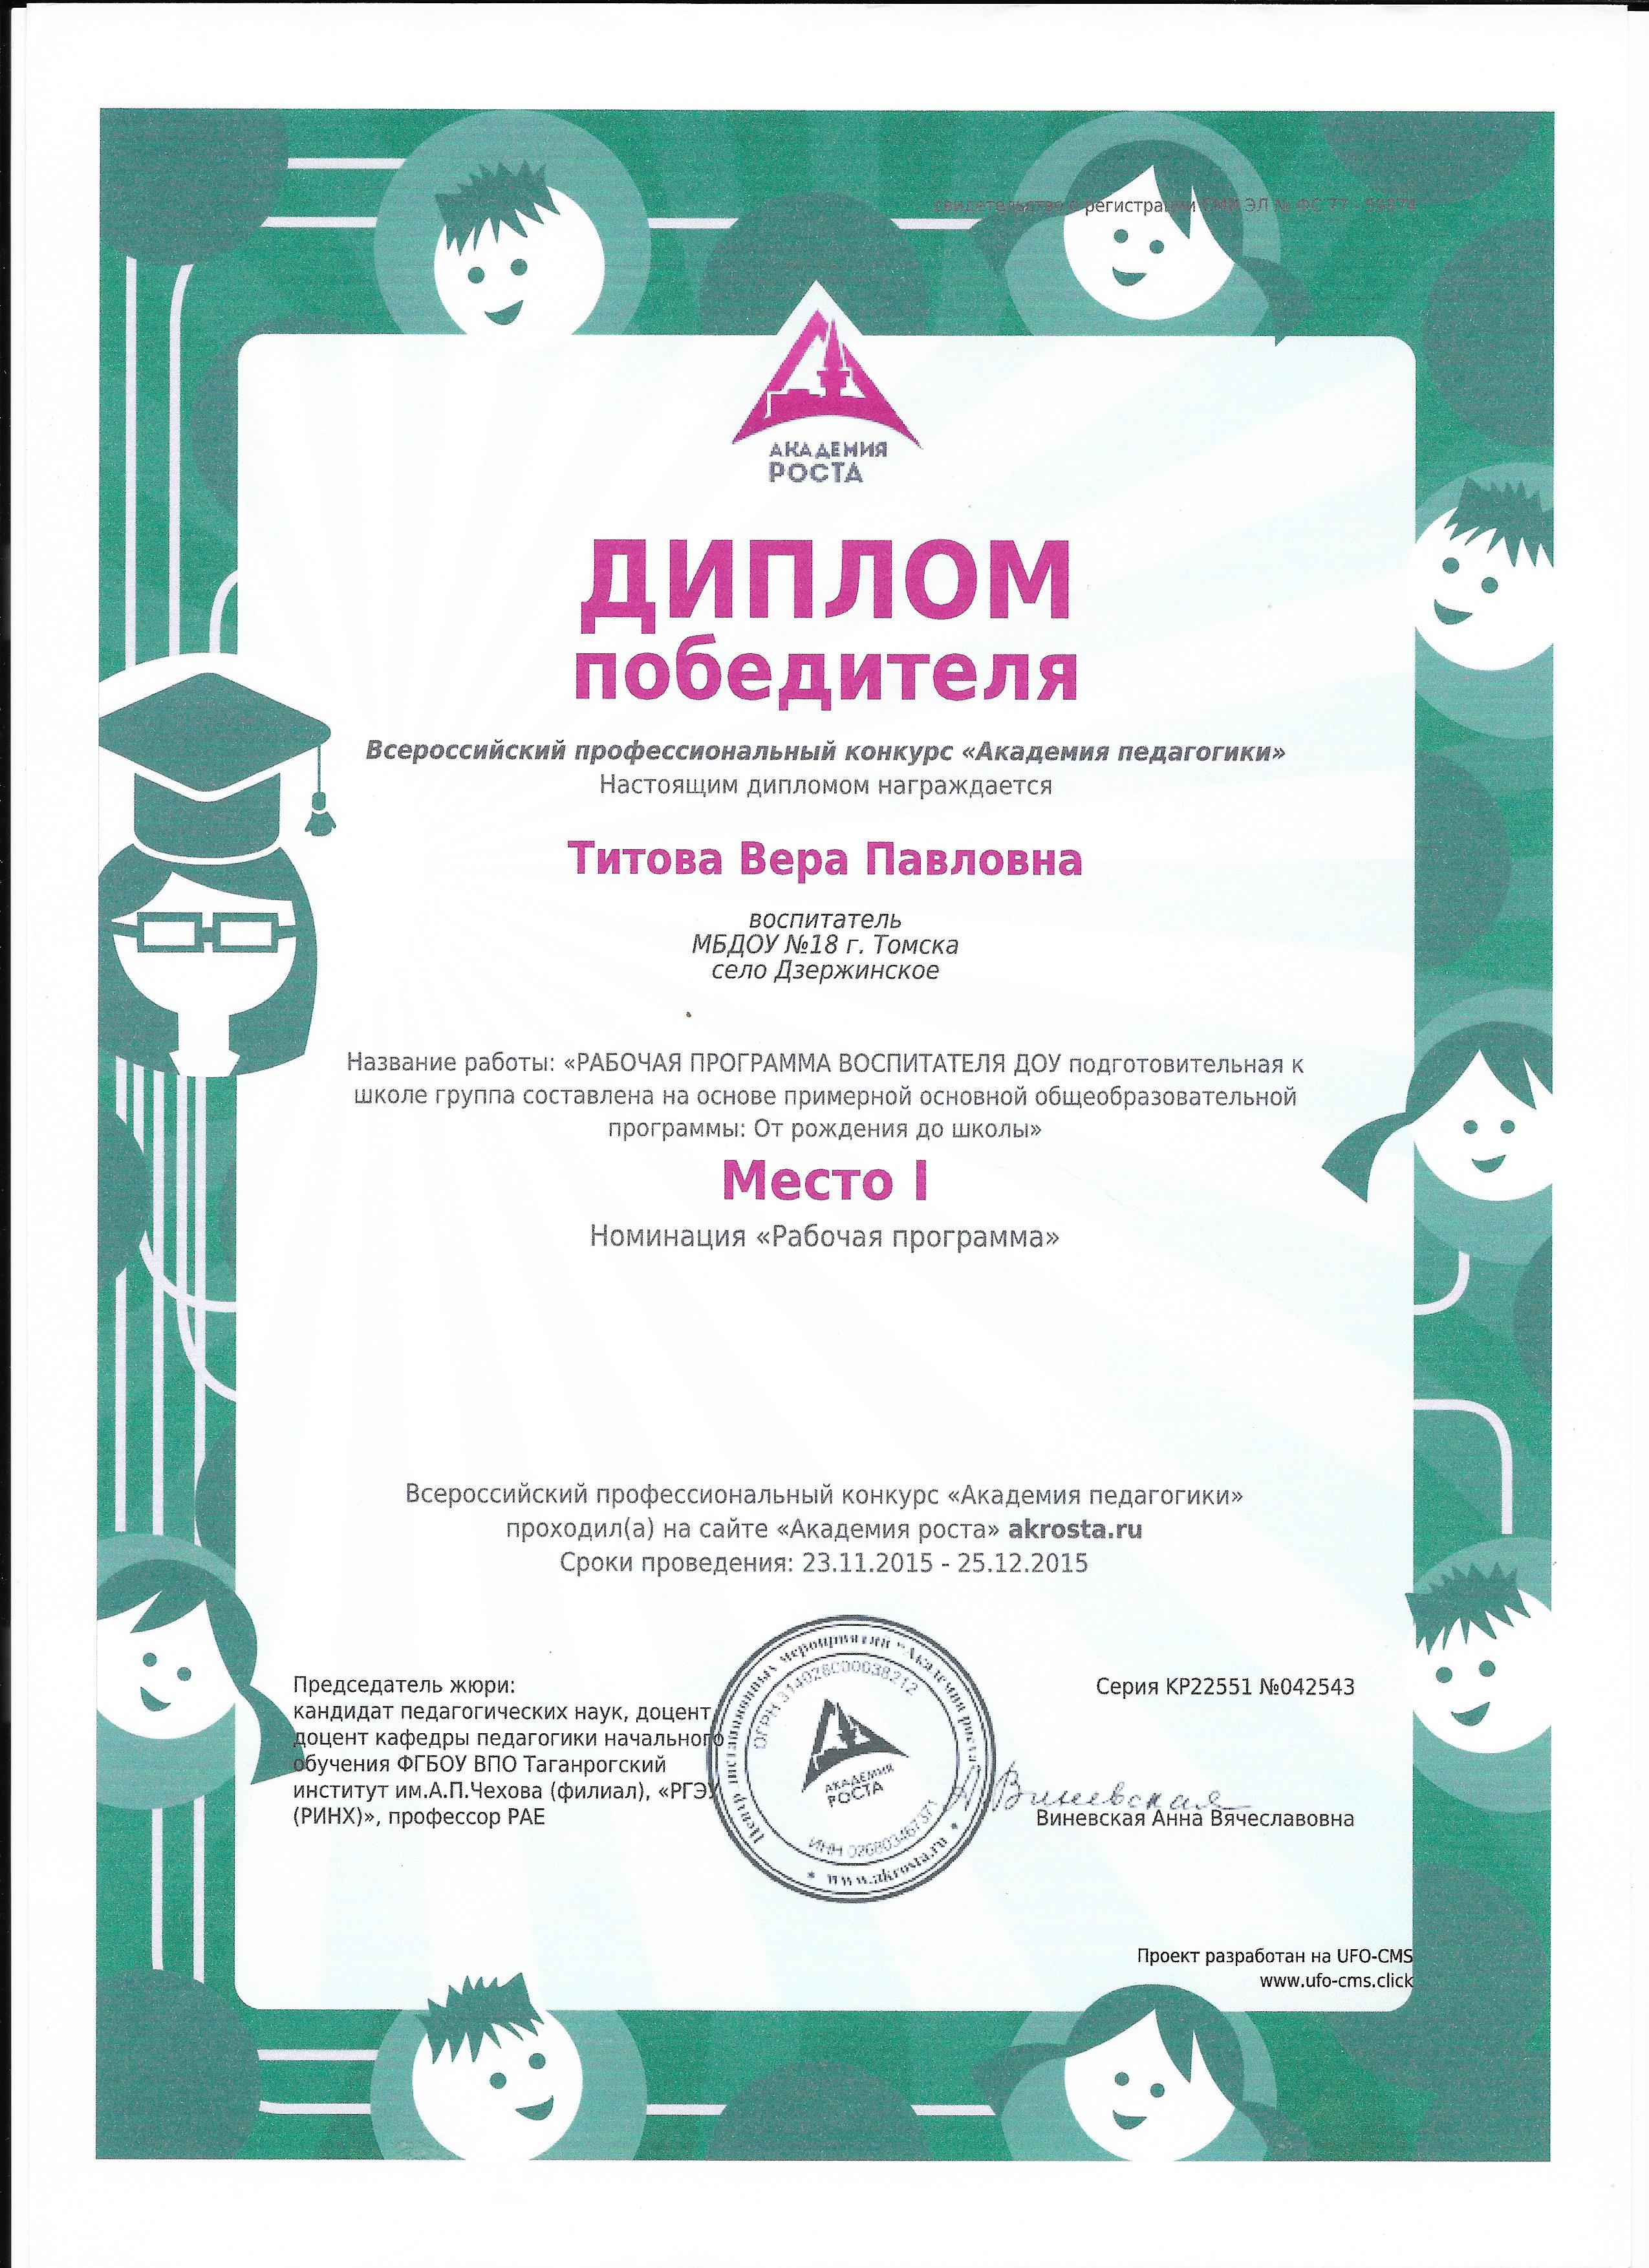 Академия роста всероссийский конкурс